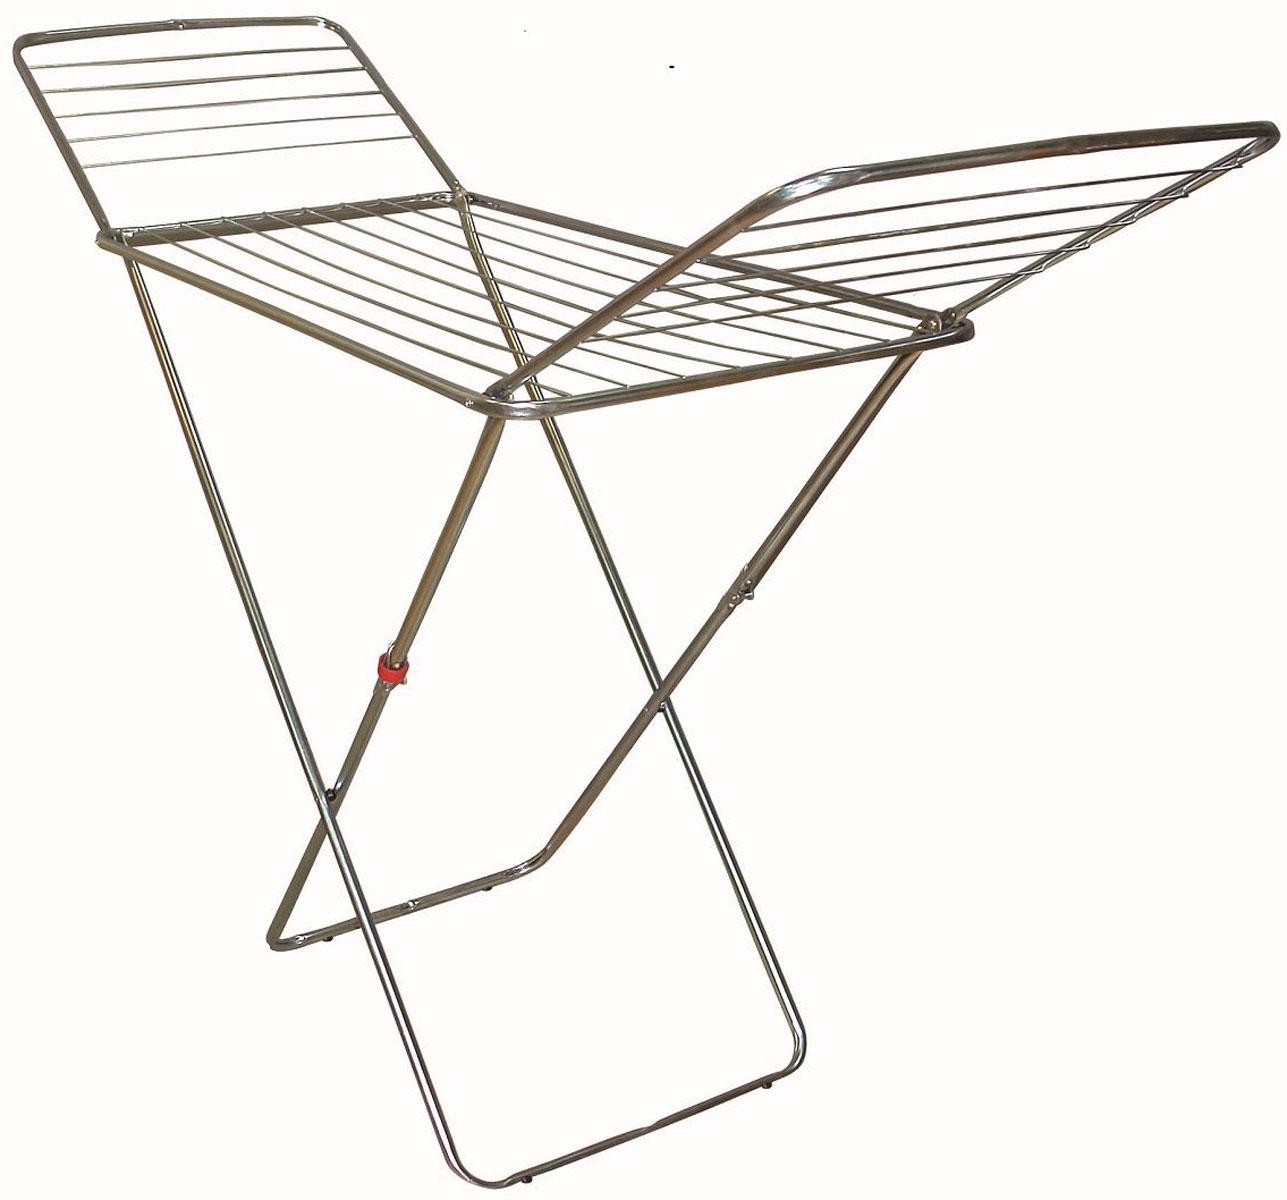 Сушилка для белья Евроголд ЕК Stabilo, напольная, 16 мGC204/30Сушилка для белья Евроголд 0503 ЕК Stabilo-напольная сушилка для белья проста и удобна в использовании, компактно складывается, экономя место в вашей квартире. Сушилку можно использовать на балконе или дома.Она оснащена складными створками для сушки одежды во всю длину, а также имеет специальные пластиковые крепления в основе стоек, которые не царапают пол. Полезная длина сушильного полотна 16м.Вакуумная упаковка.